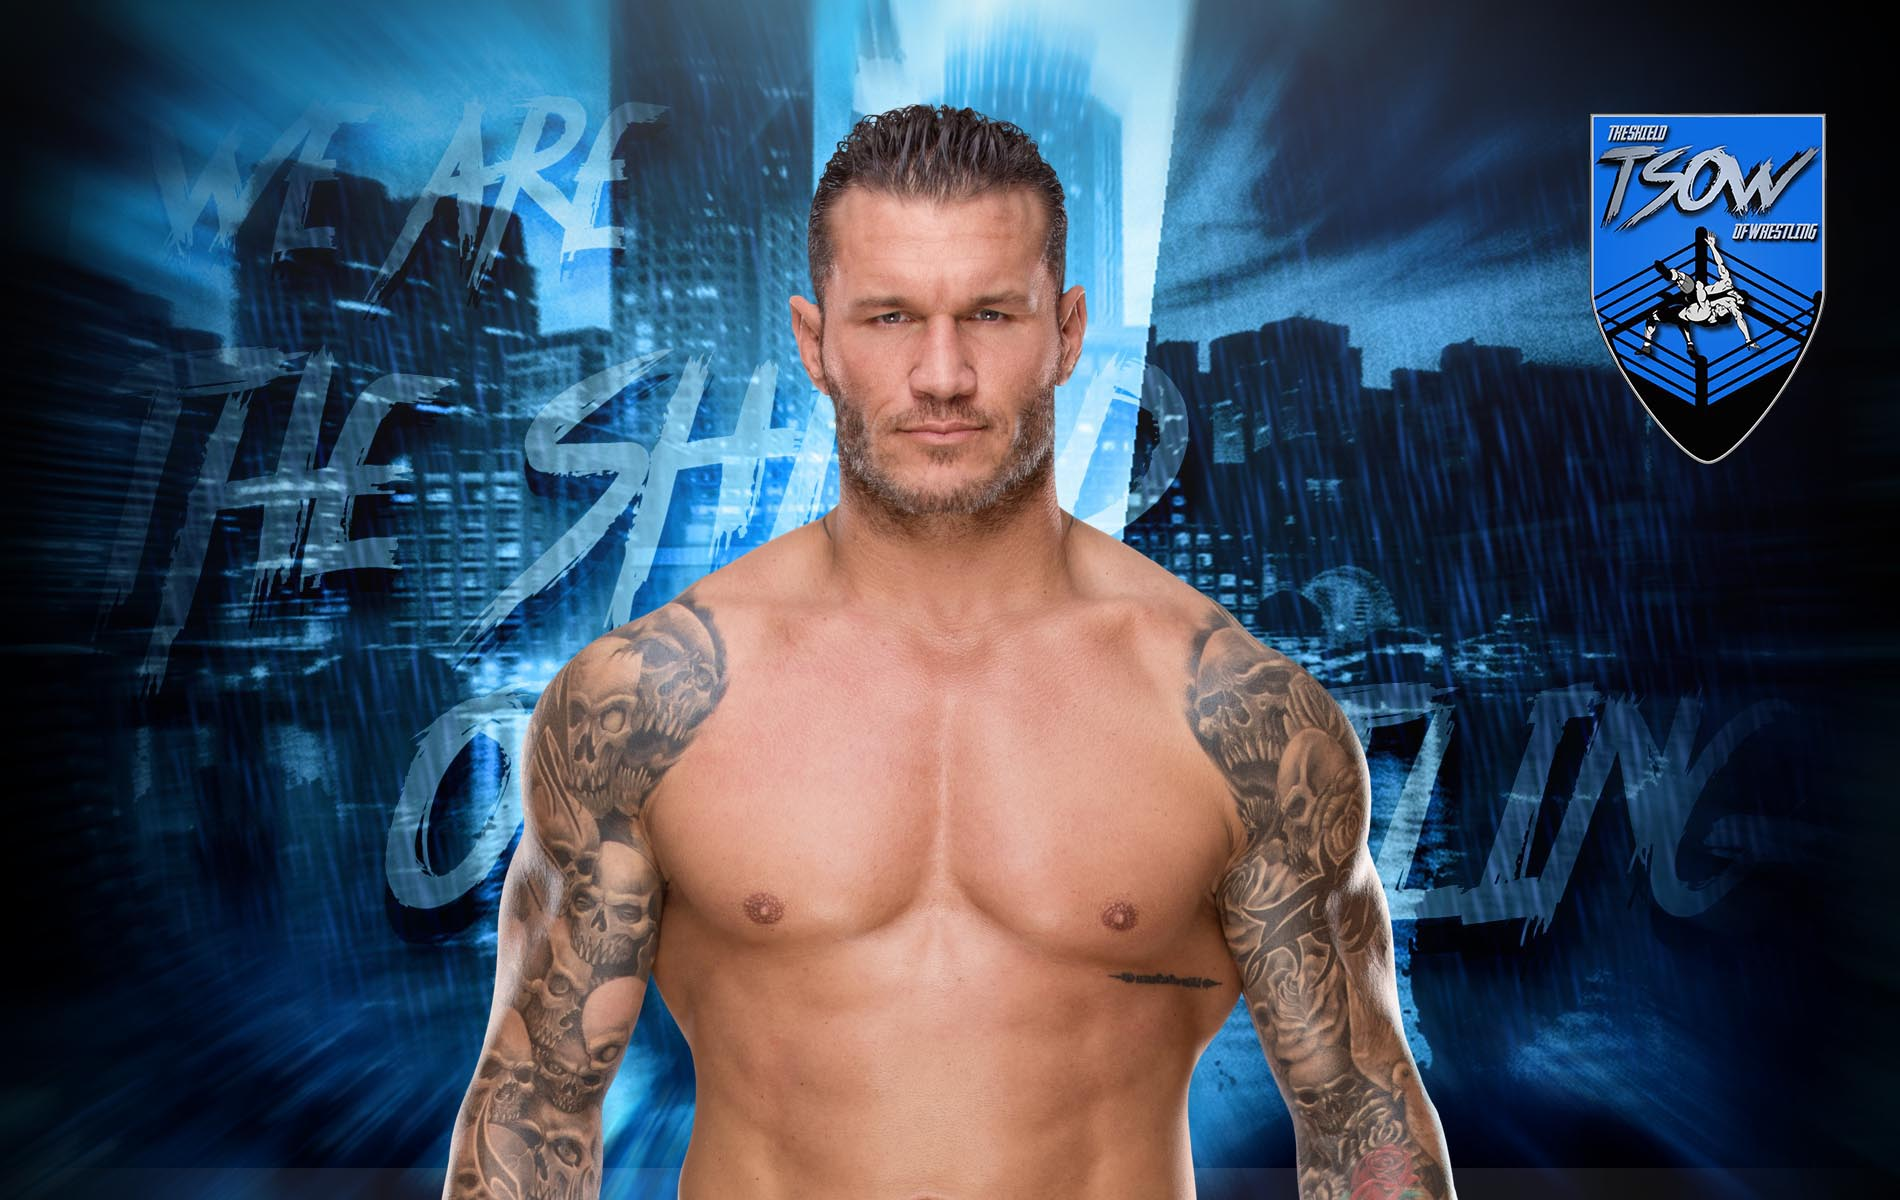 Randy Orton: Kurt Angle racconta di quando venne multato